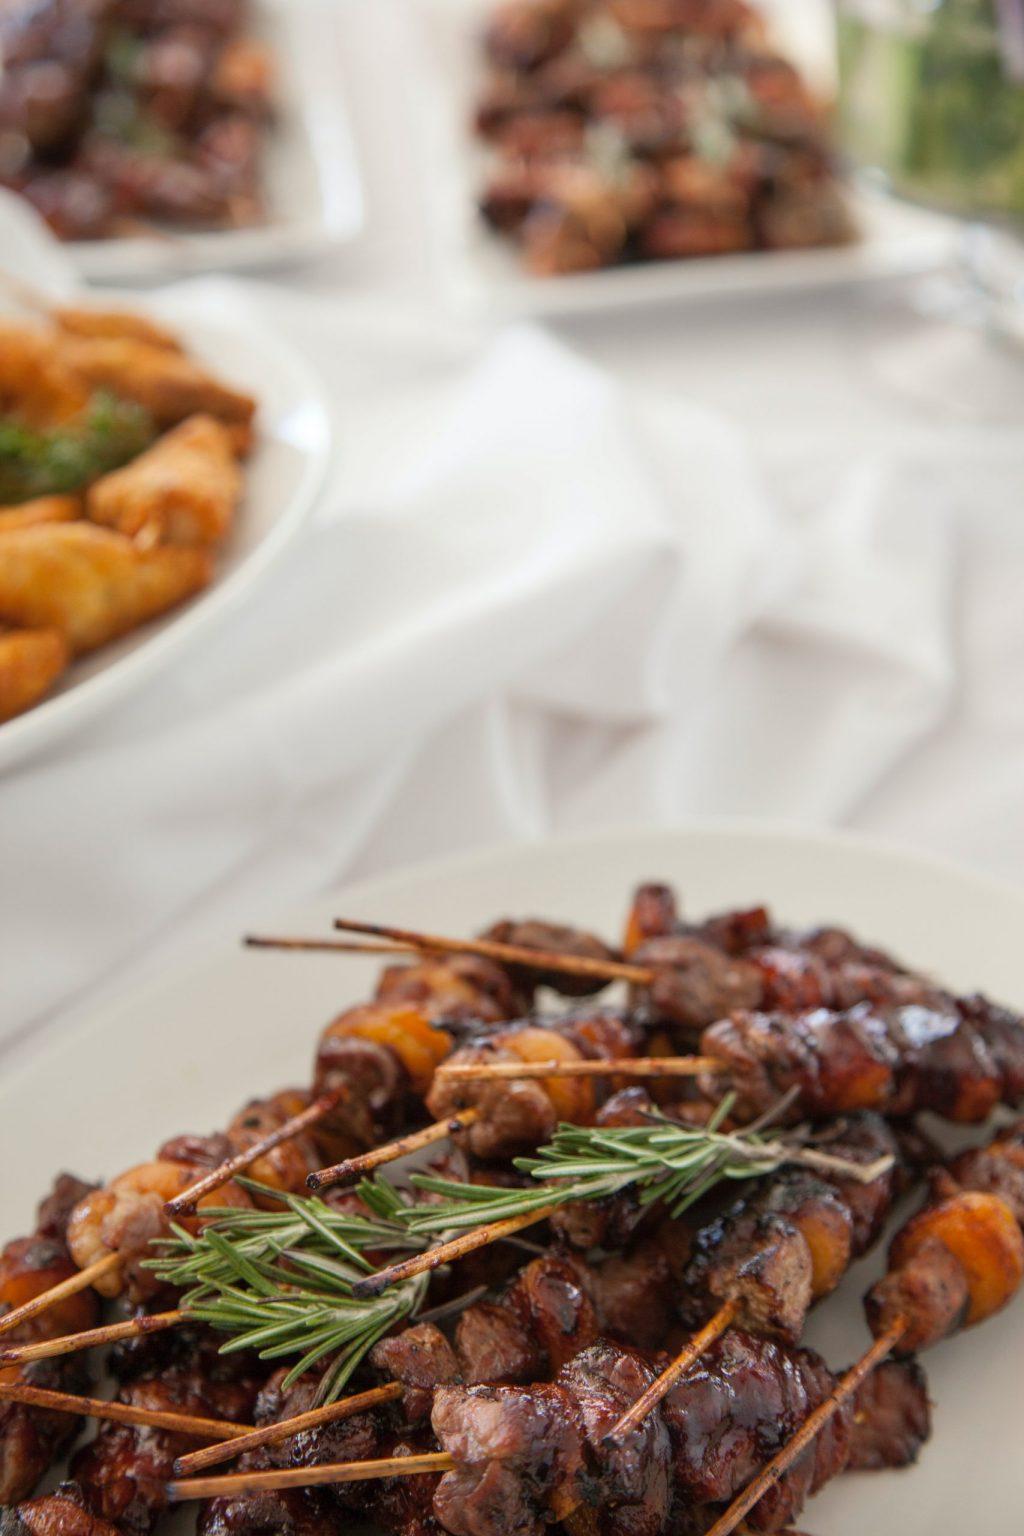 viktorka catering spiz